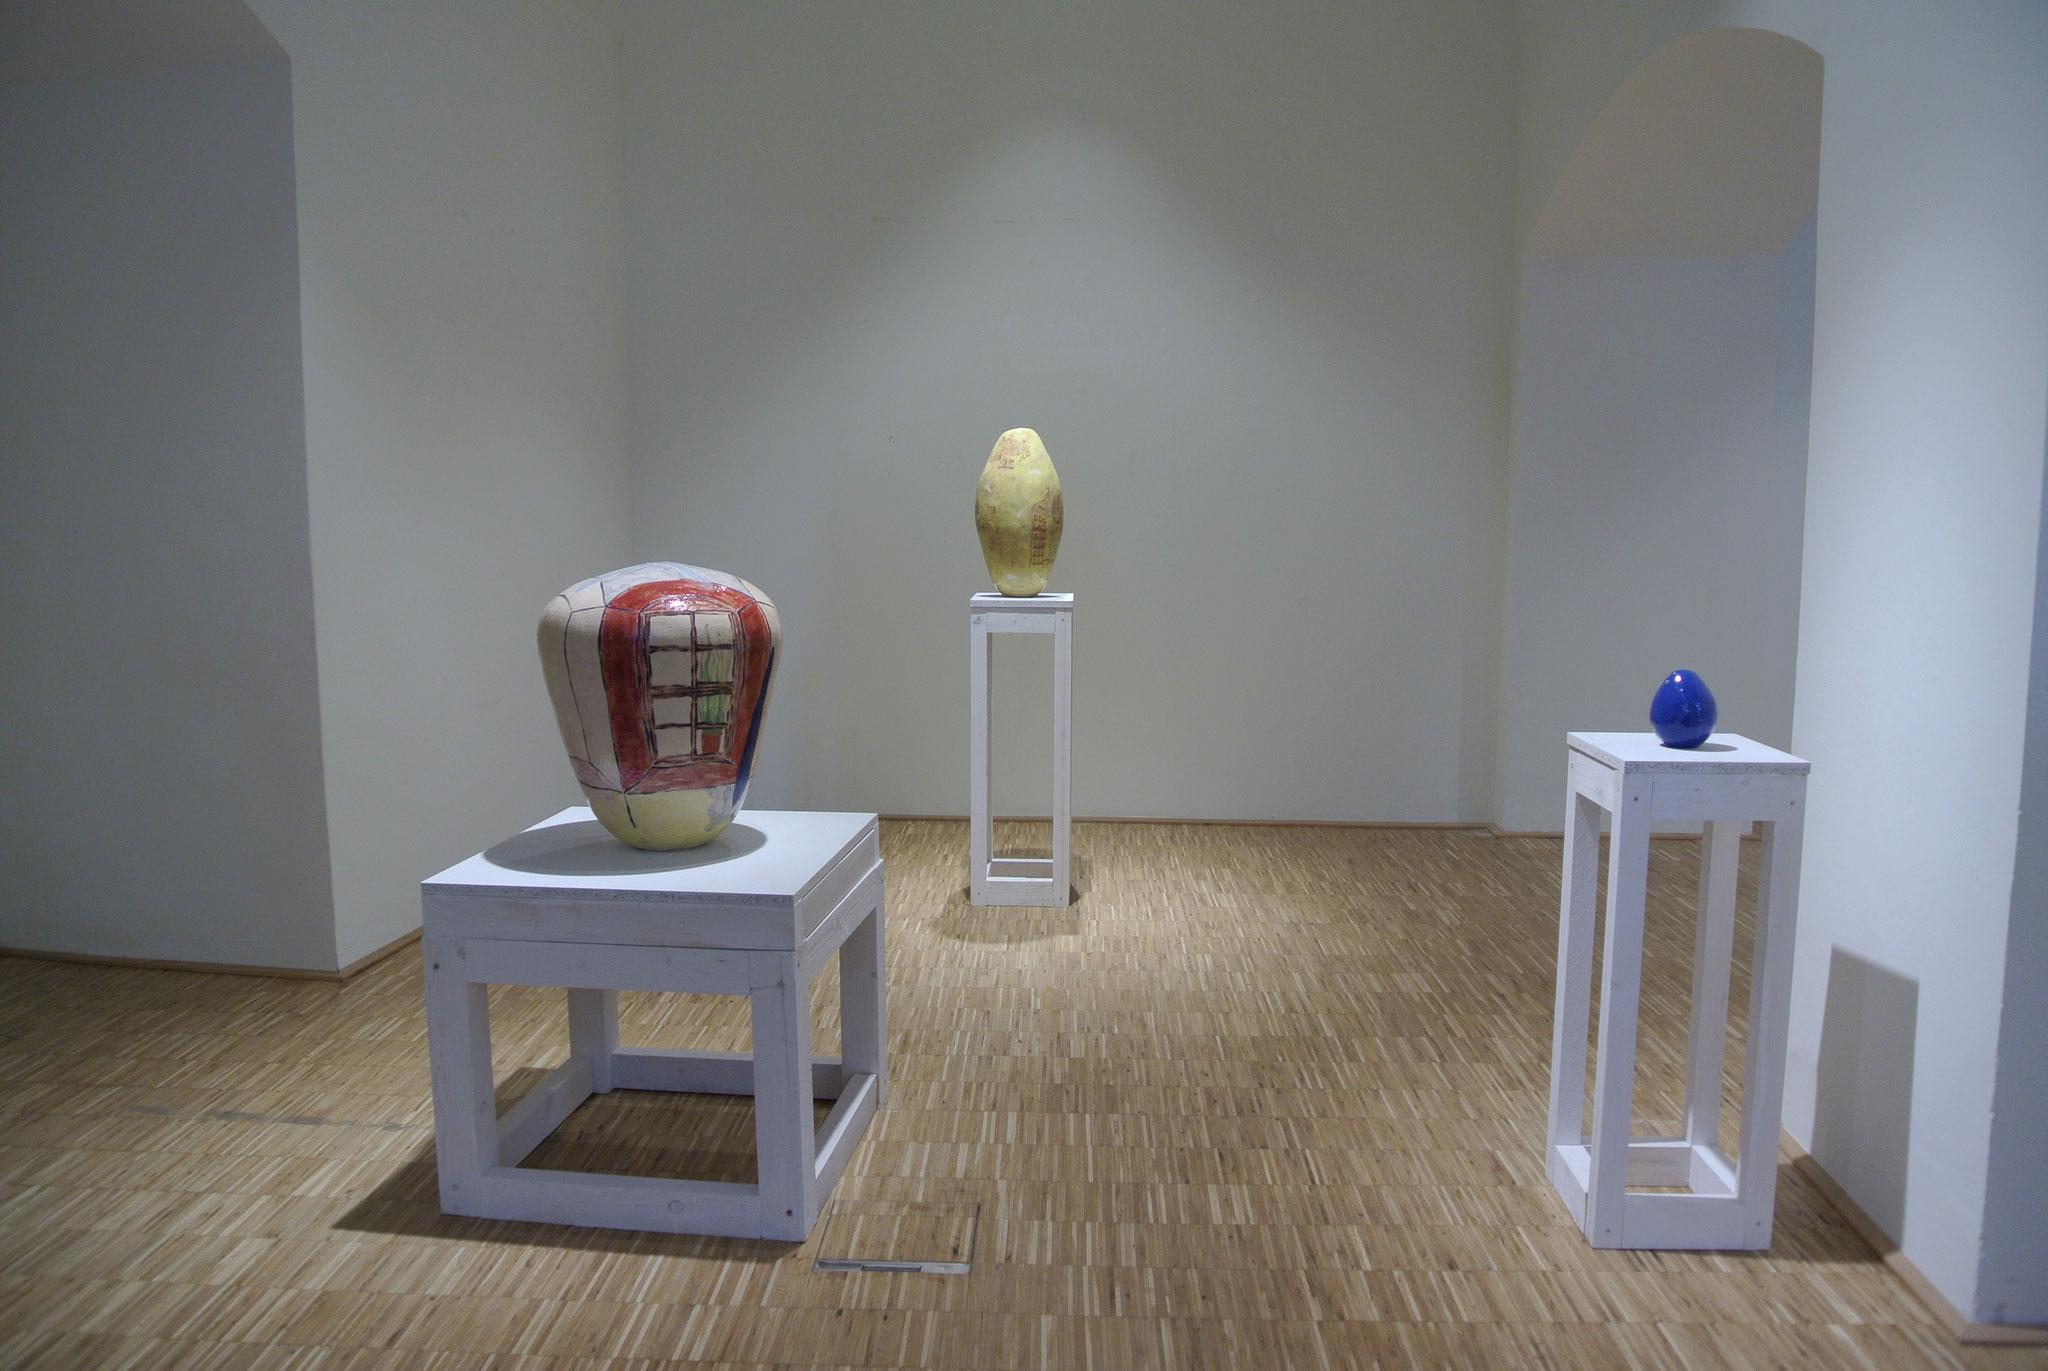 Ausstellungsansicht, Vermessung und Gewicht